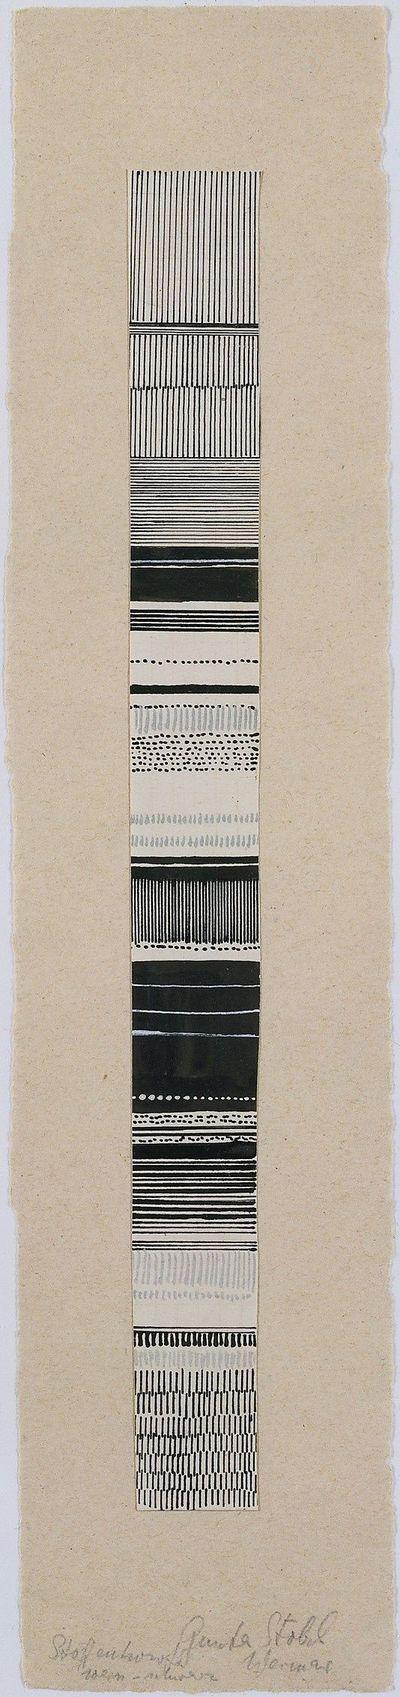 Gunta Stölzl - exploring lines and mark making